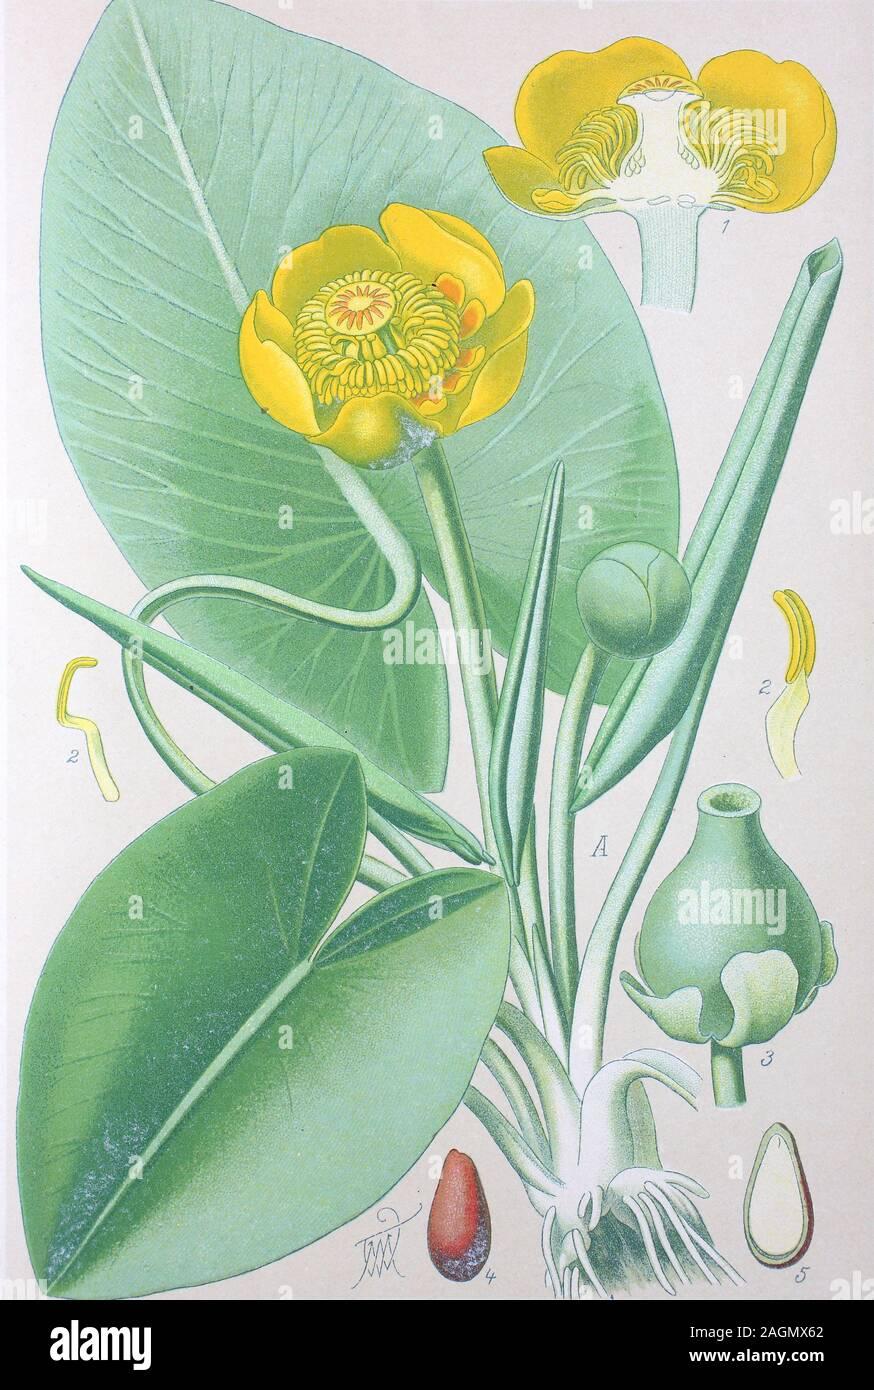 Exot plantes graines exotiques semences zierpflanze Jaune-Eau Lily